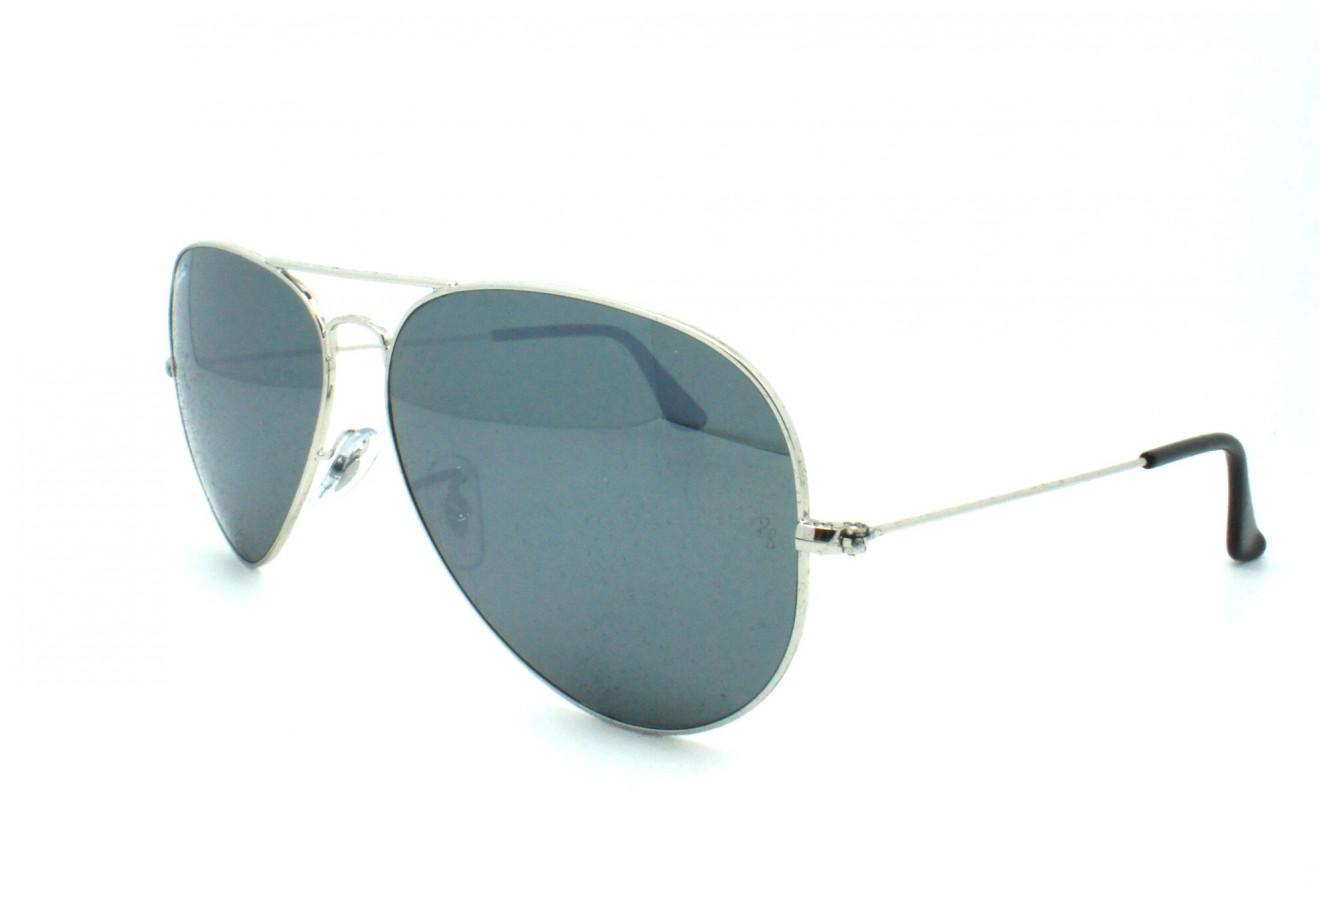 ray ban lunettes de soleil aviator noir rb3025 mixte psychopraticienne bordeaux. Black Bedroom Furniture Sets. Home Design Ideas